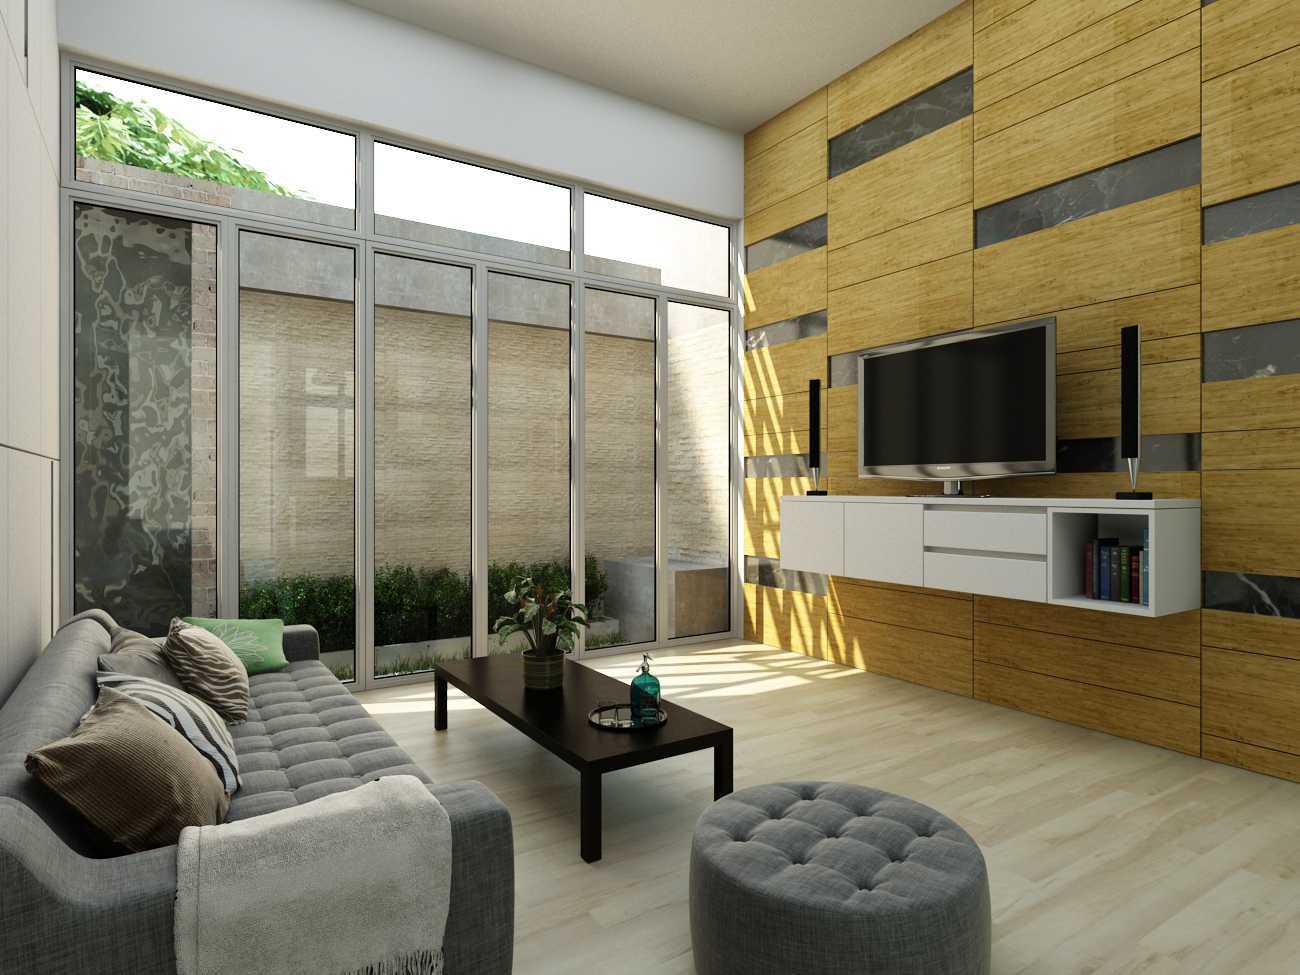 Keren Desain Interior Rumah Di Medan 26 Renovasi Ide Desain Interior Rumah untuk Desain Interior Rumah Di Medan